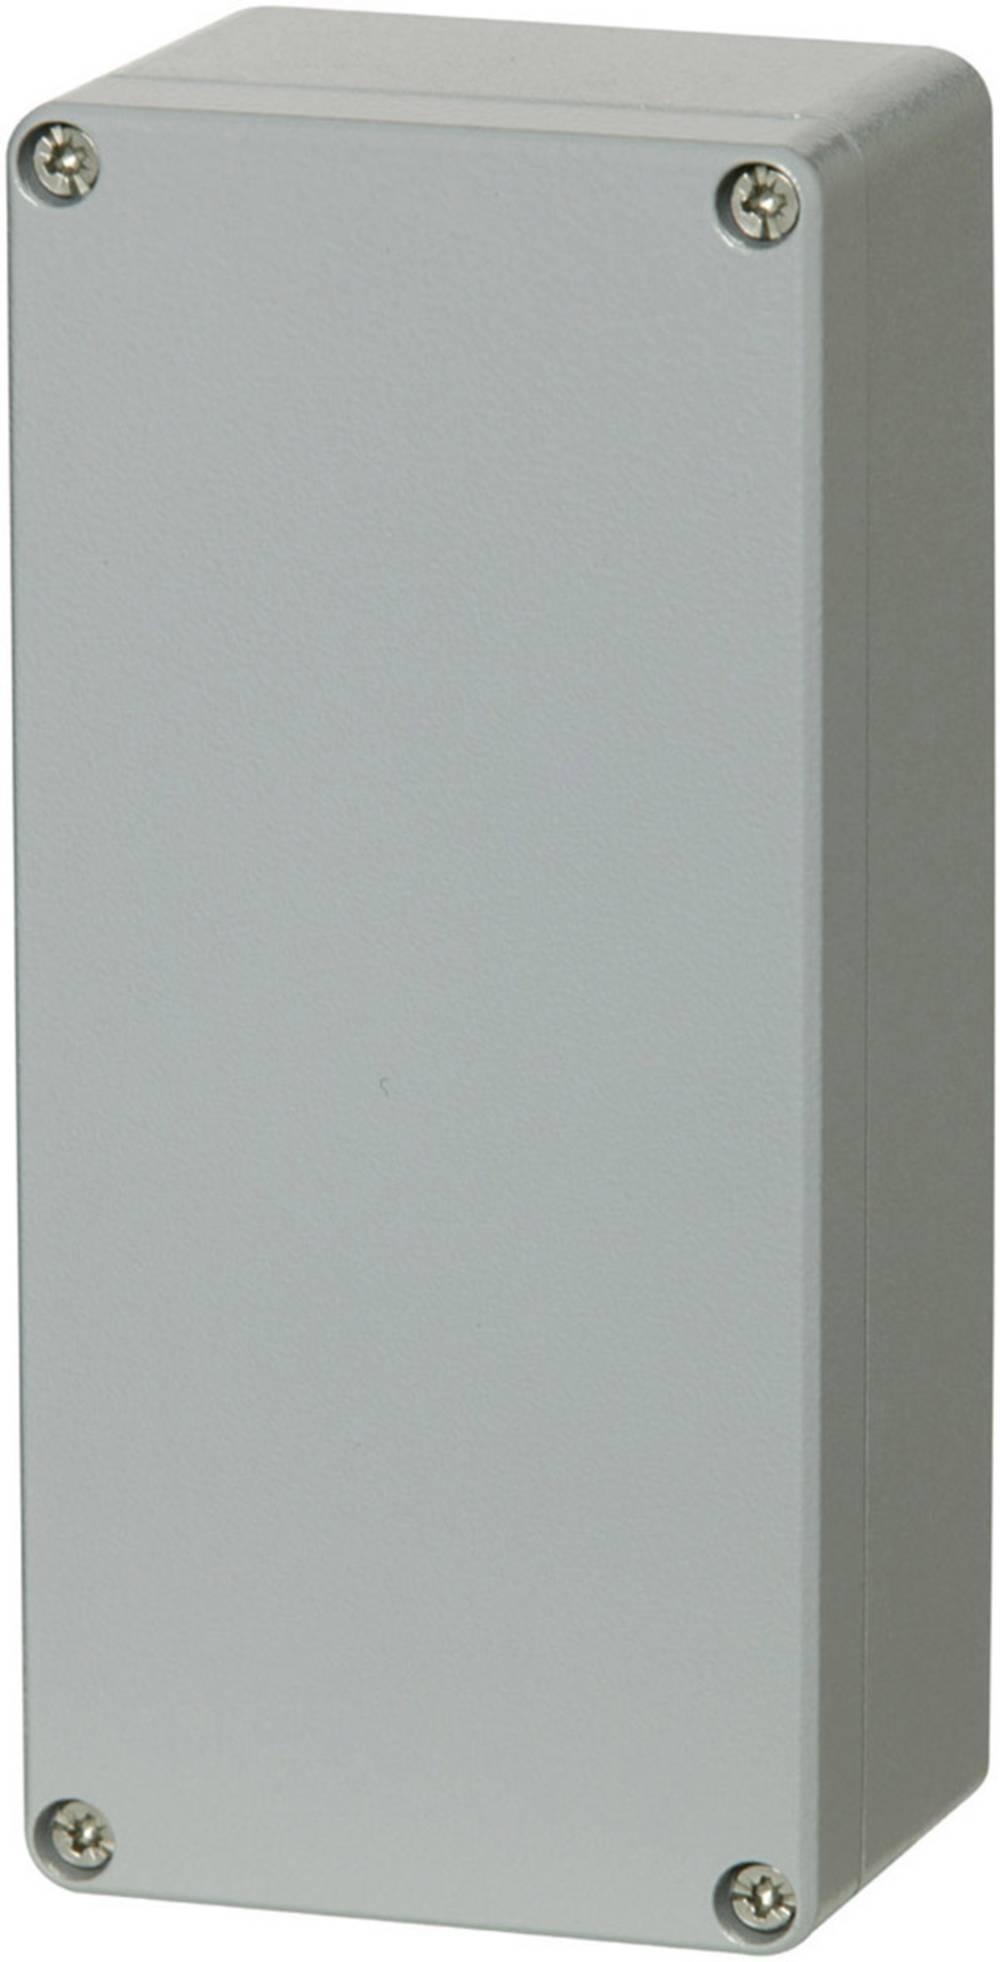 Universalkabinet 222 x 125 x 81 Aluminium Sølvgrå (RAL 7001, pulverlakeret) Fibox ALN 122208 1 stk